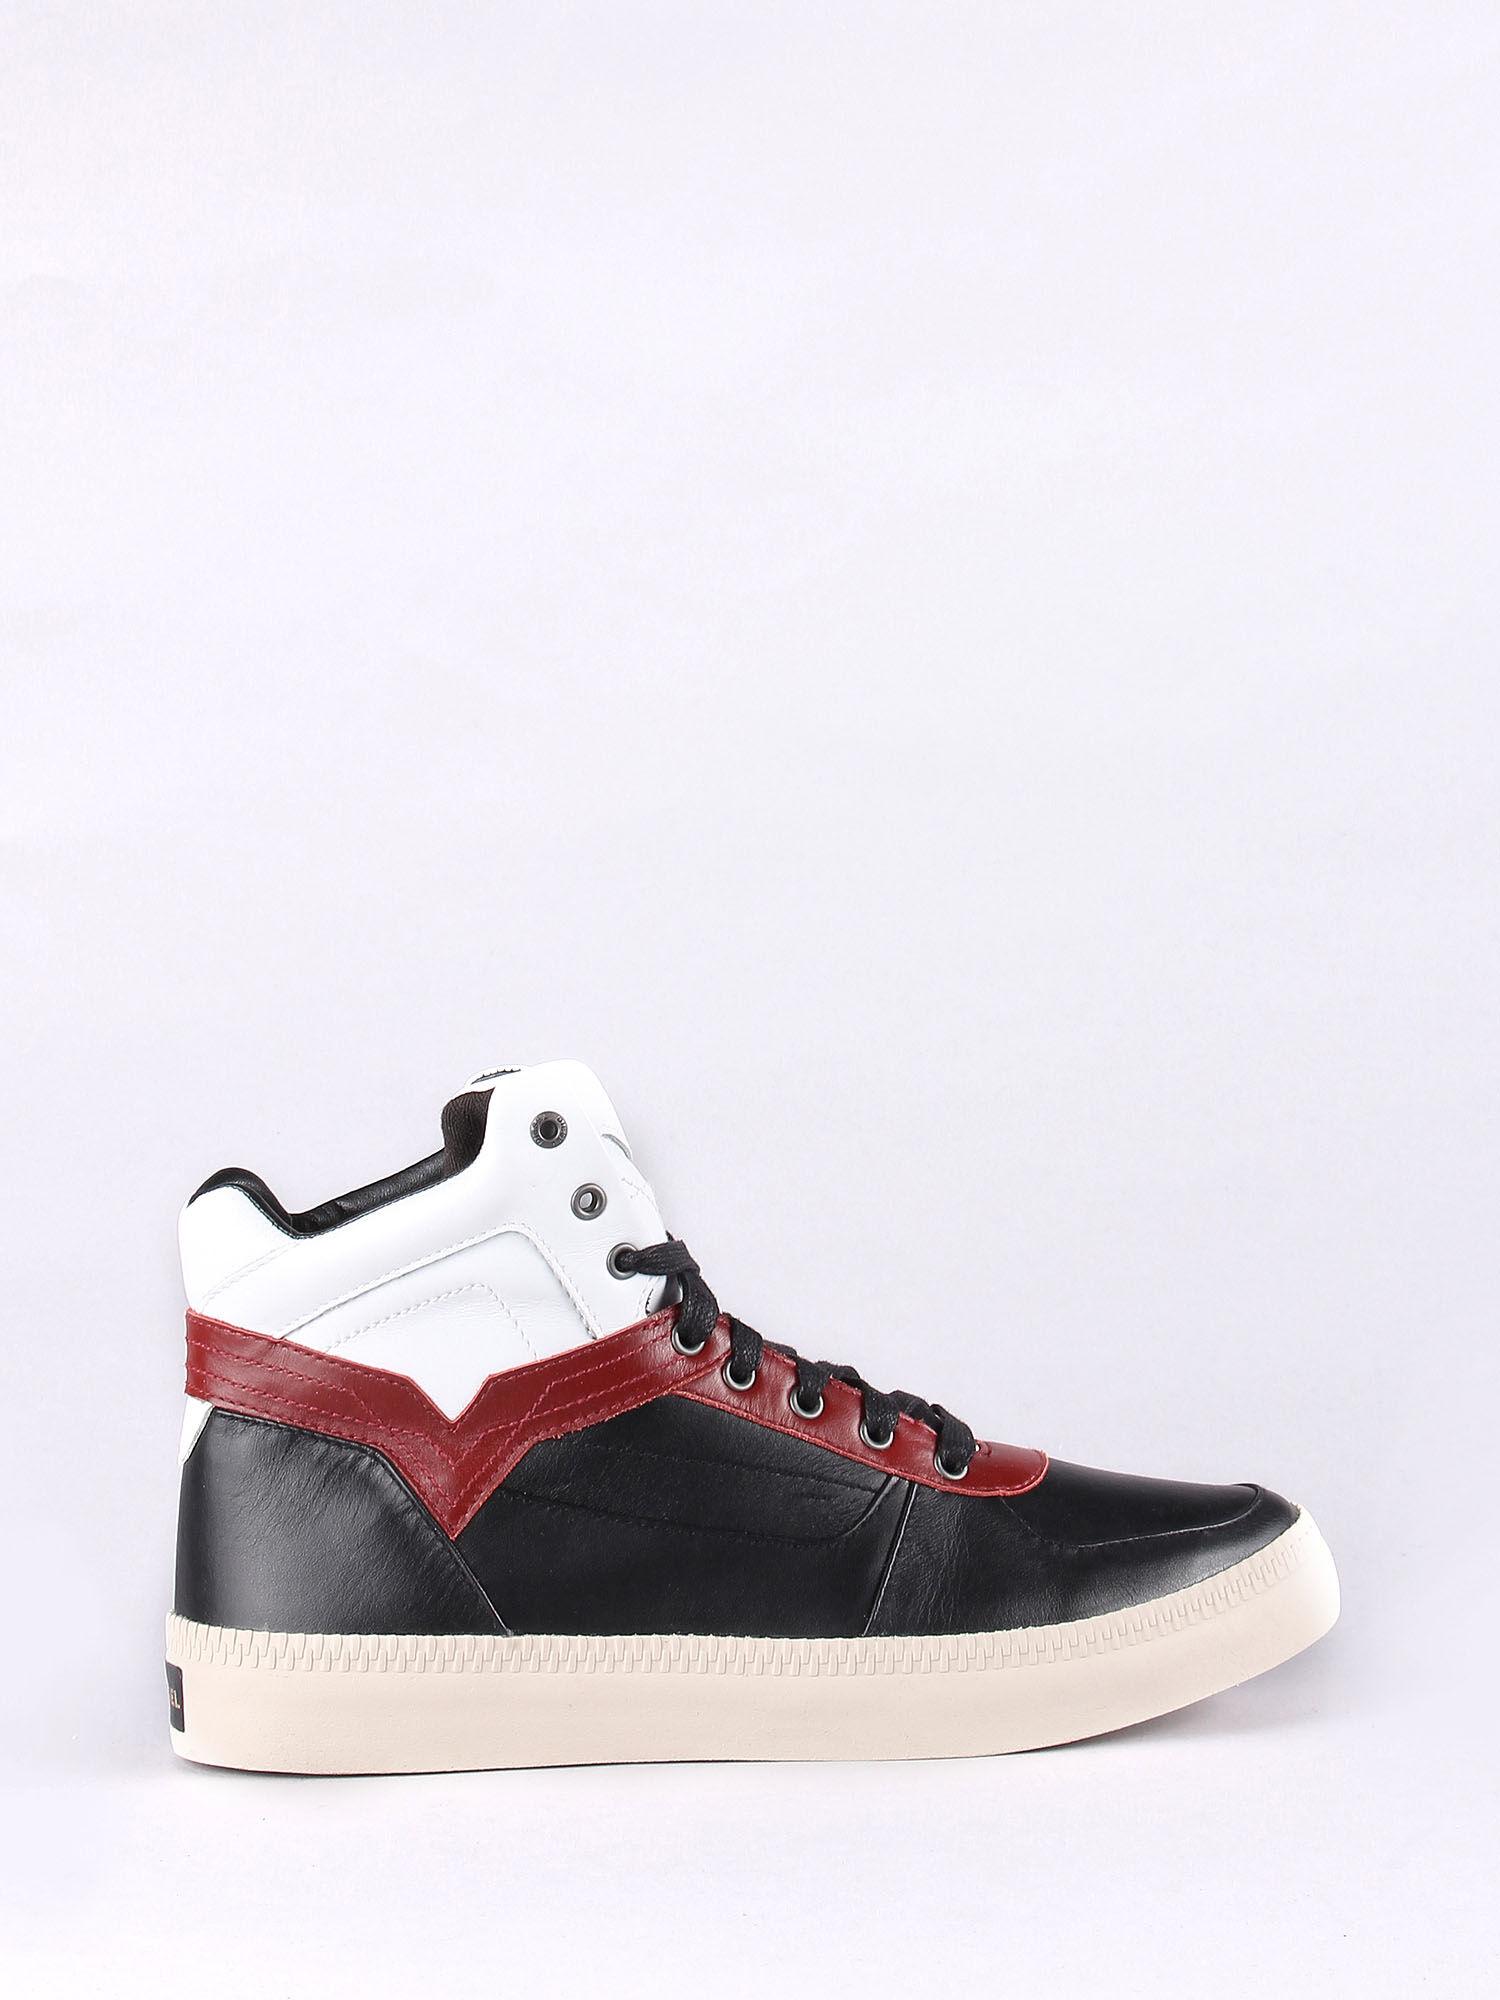 Diesel S-Spaark Leather High-Top Sneaker kSuU0yqi